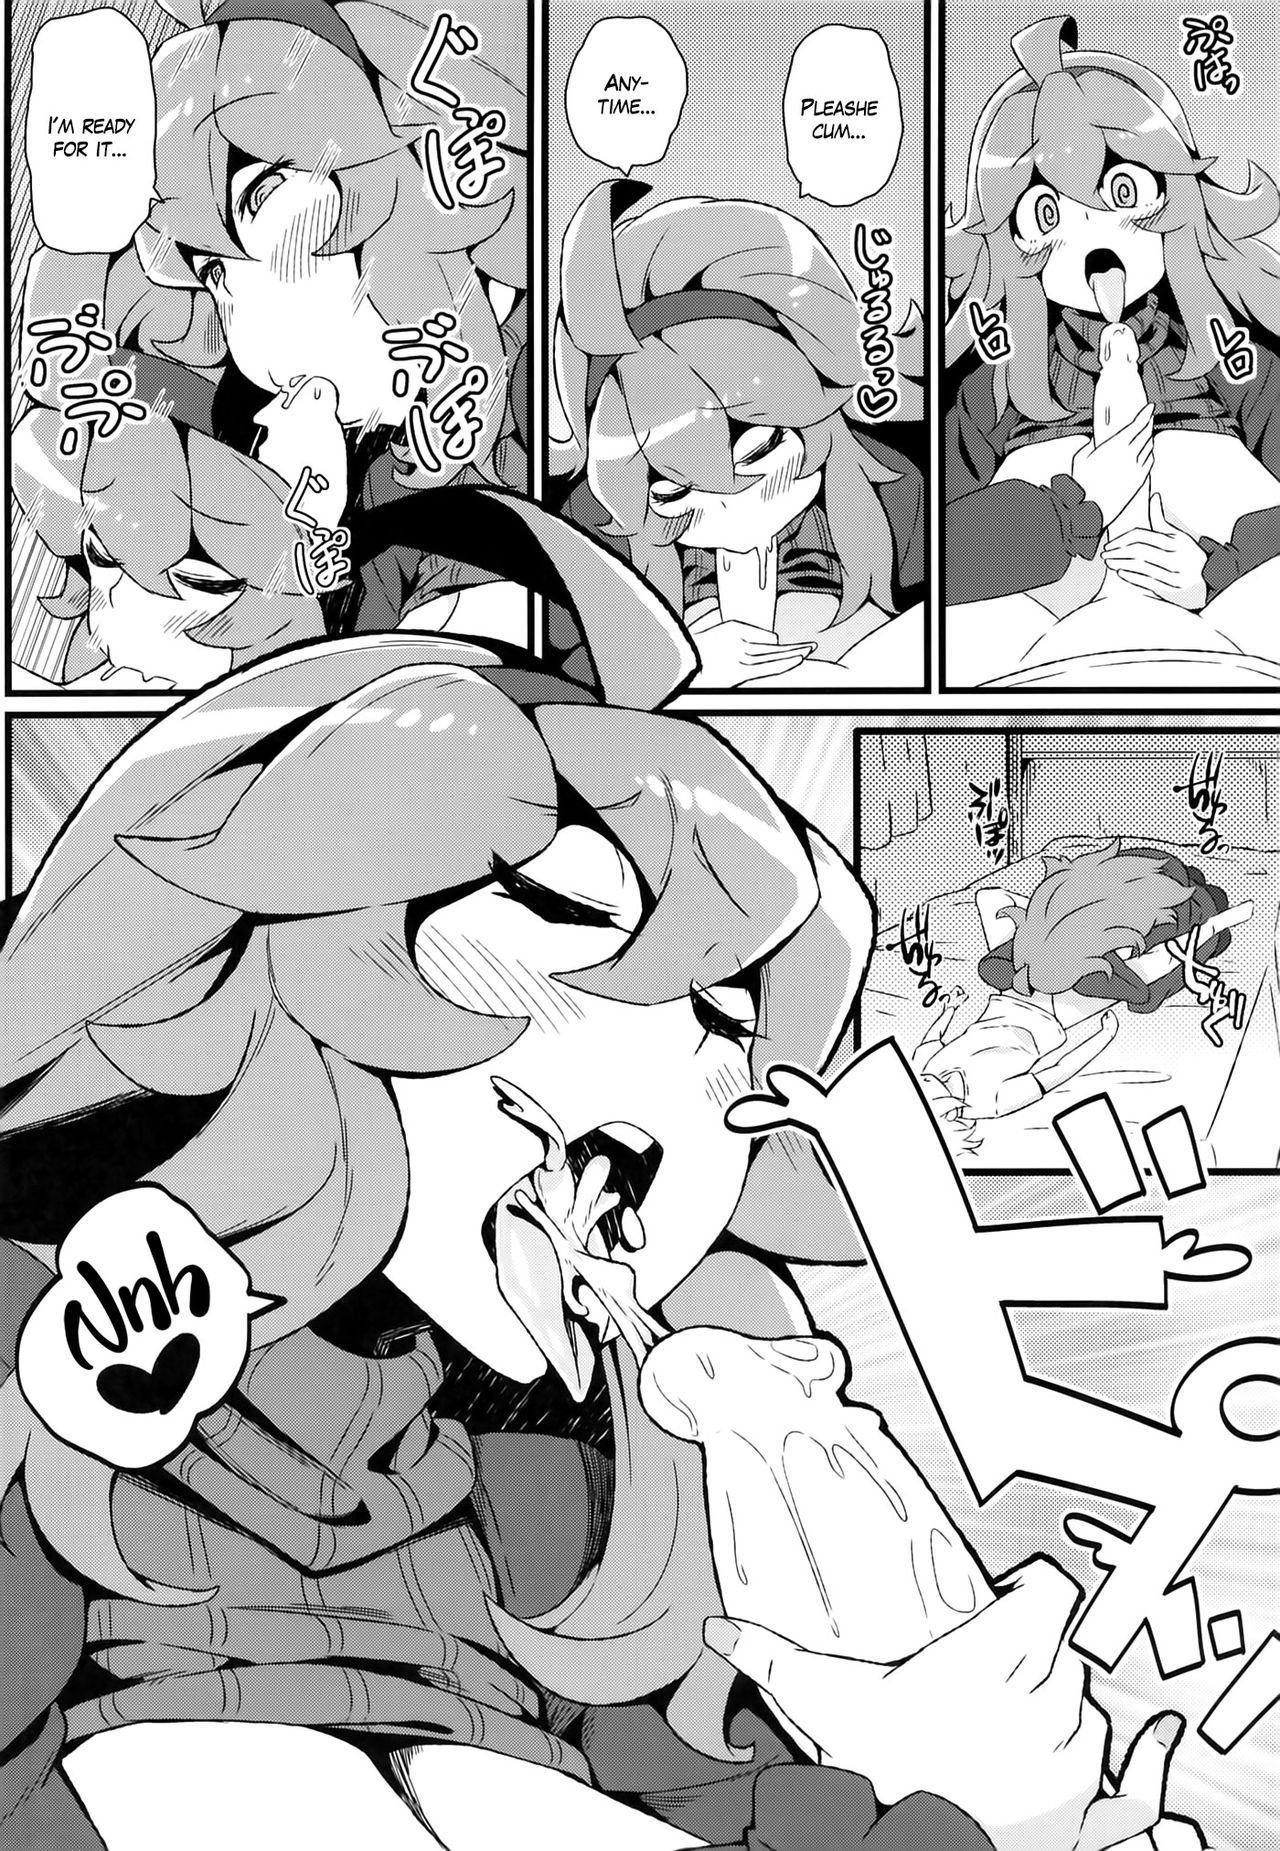 Tomodachi? Maniac 04 | Friend? Maniac 04 11